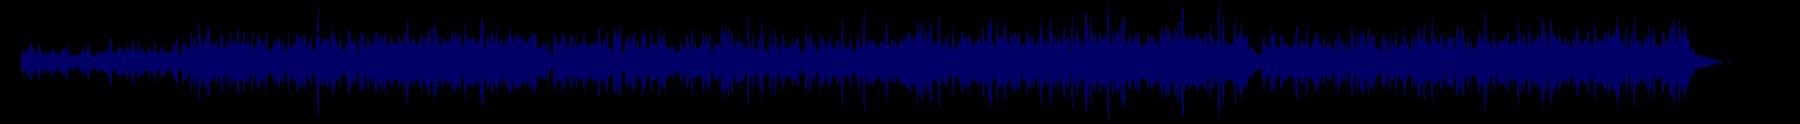 waveform of track #67993